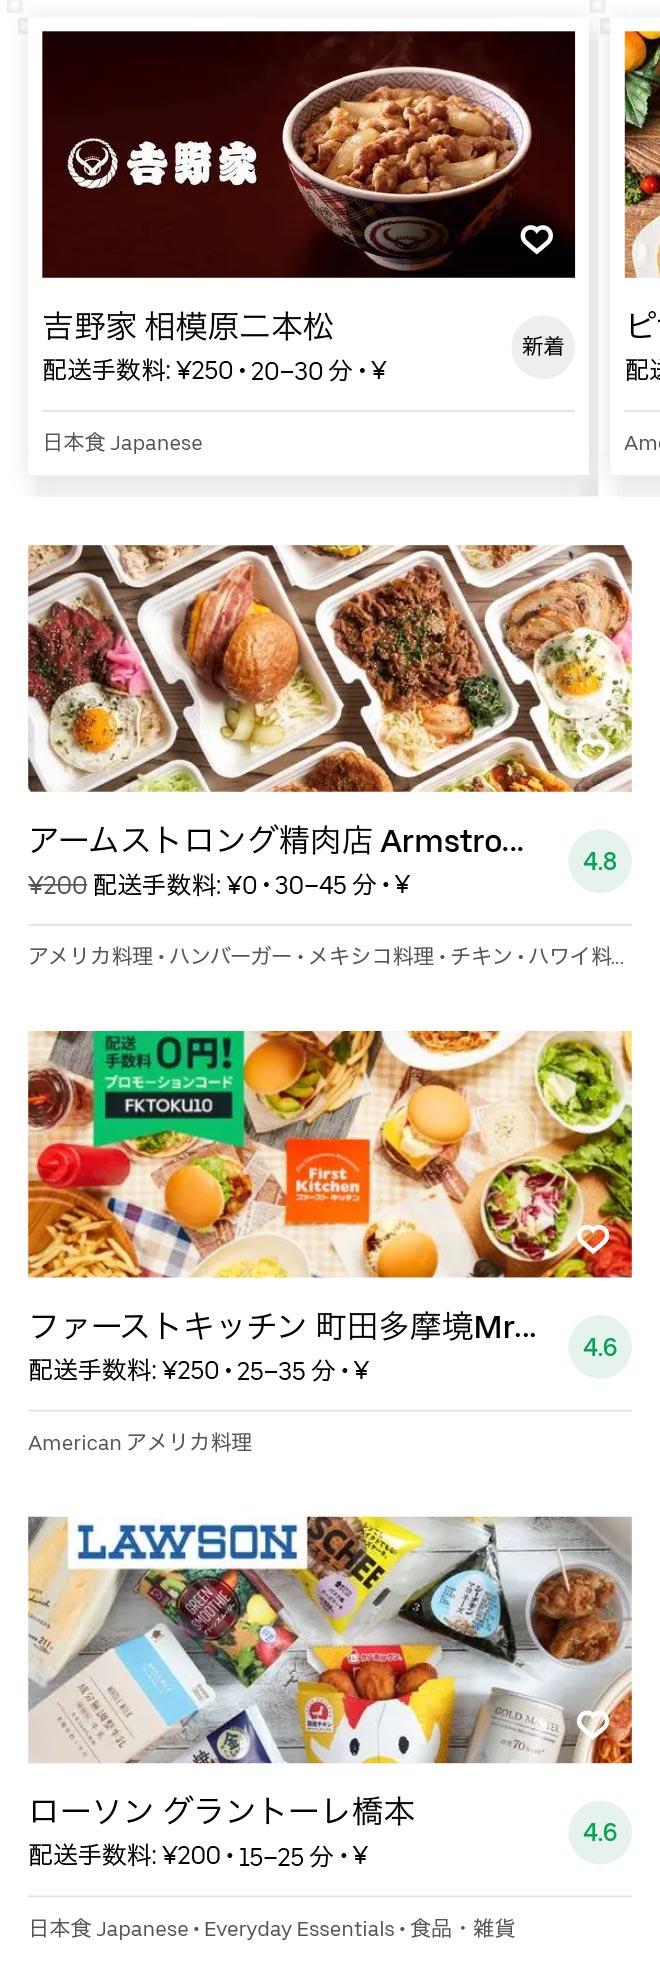 Aihara menu 2010 03